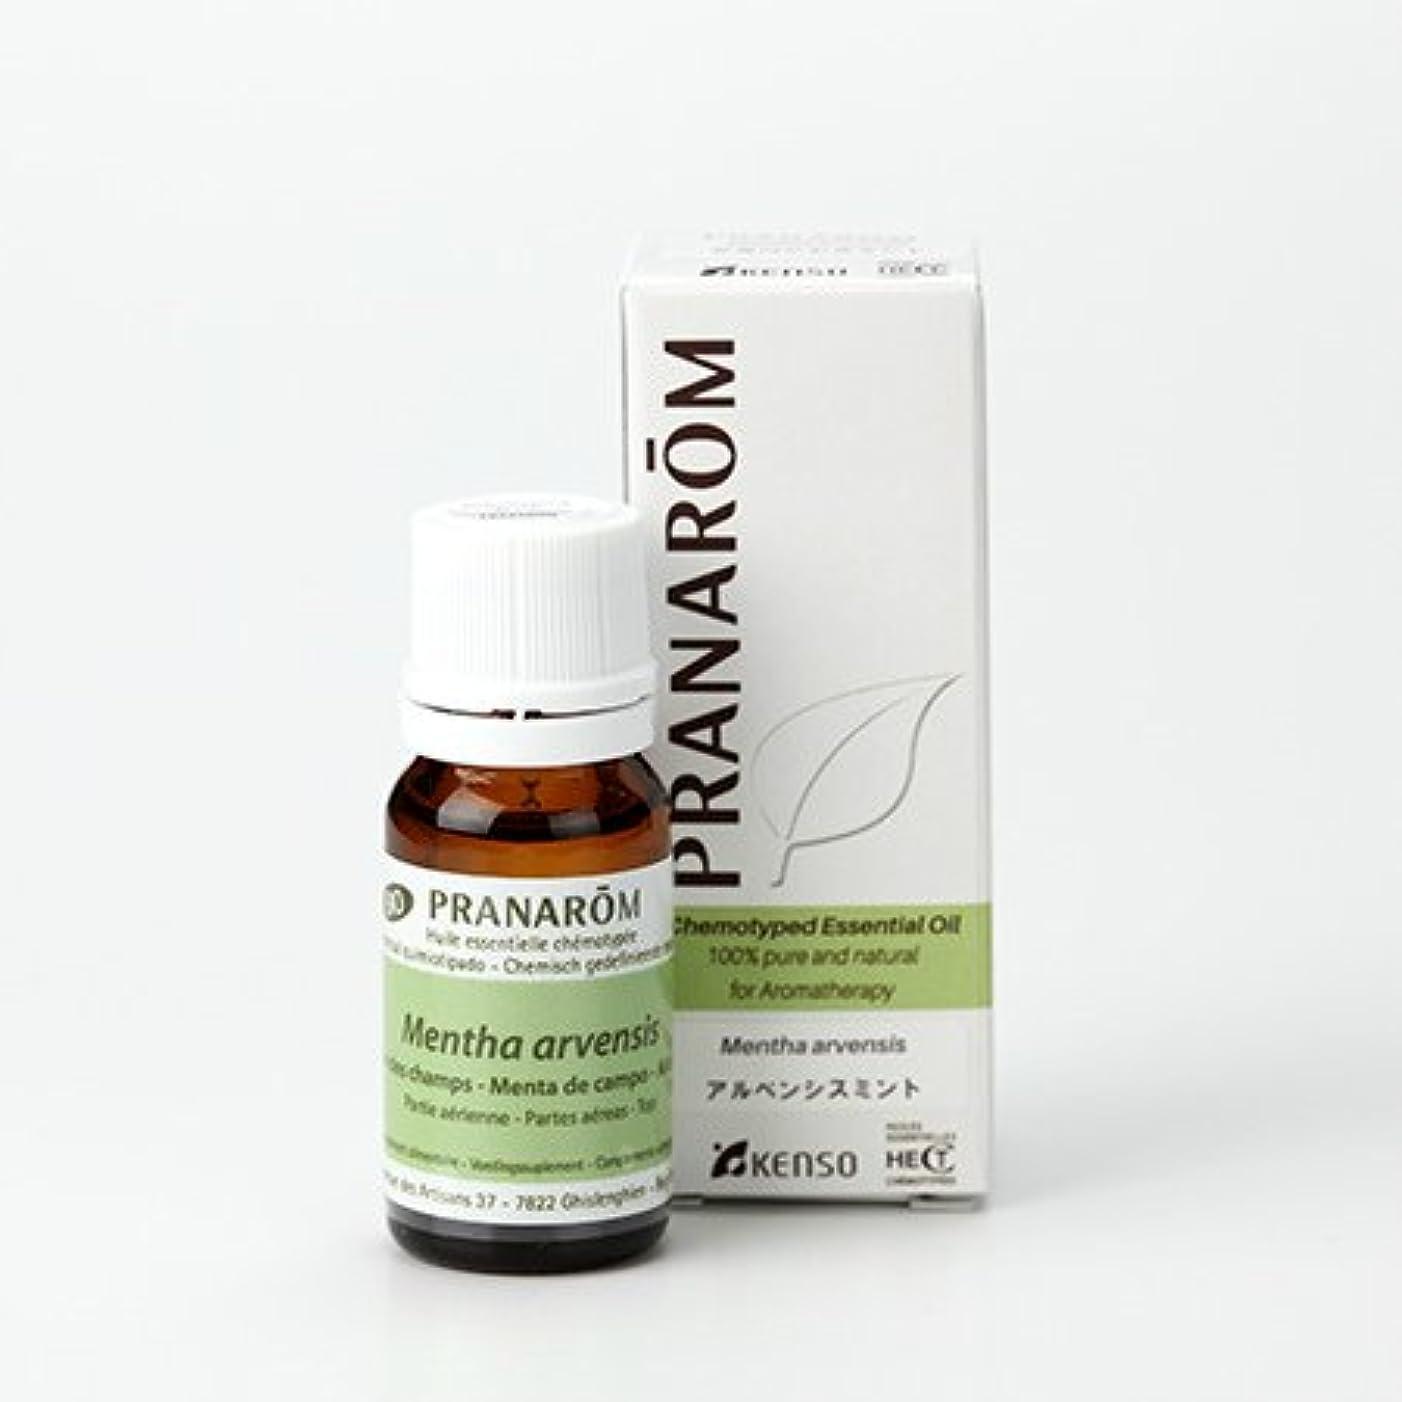 口径支払うすりプラナロム アルベンシスミント 10ml (PRANAROM ケモタイプ精油)